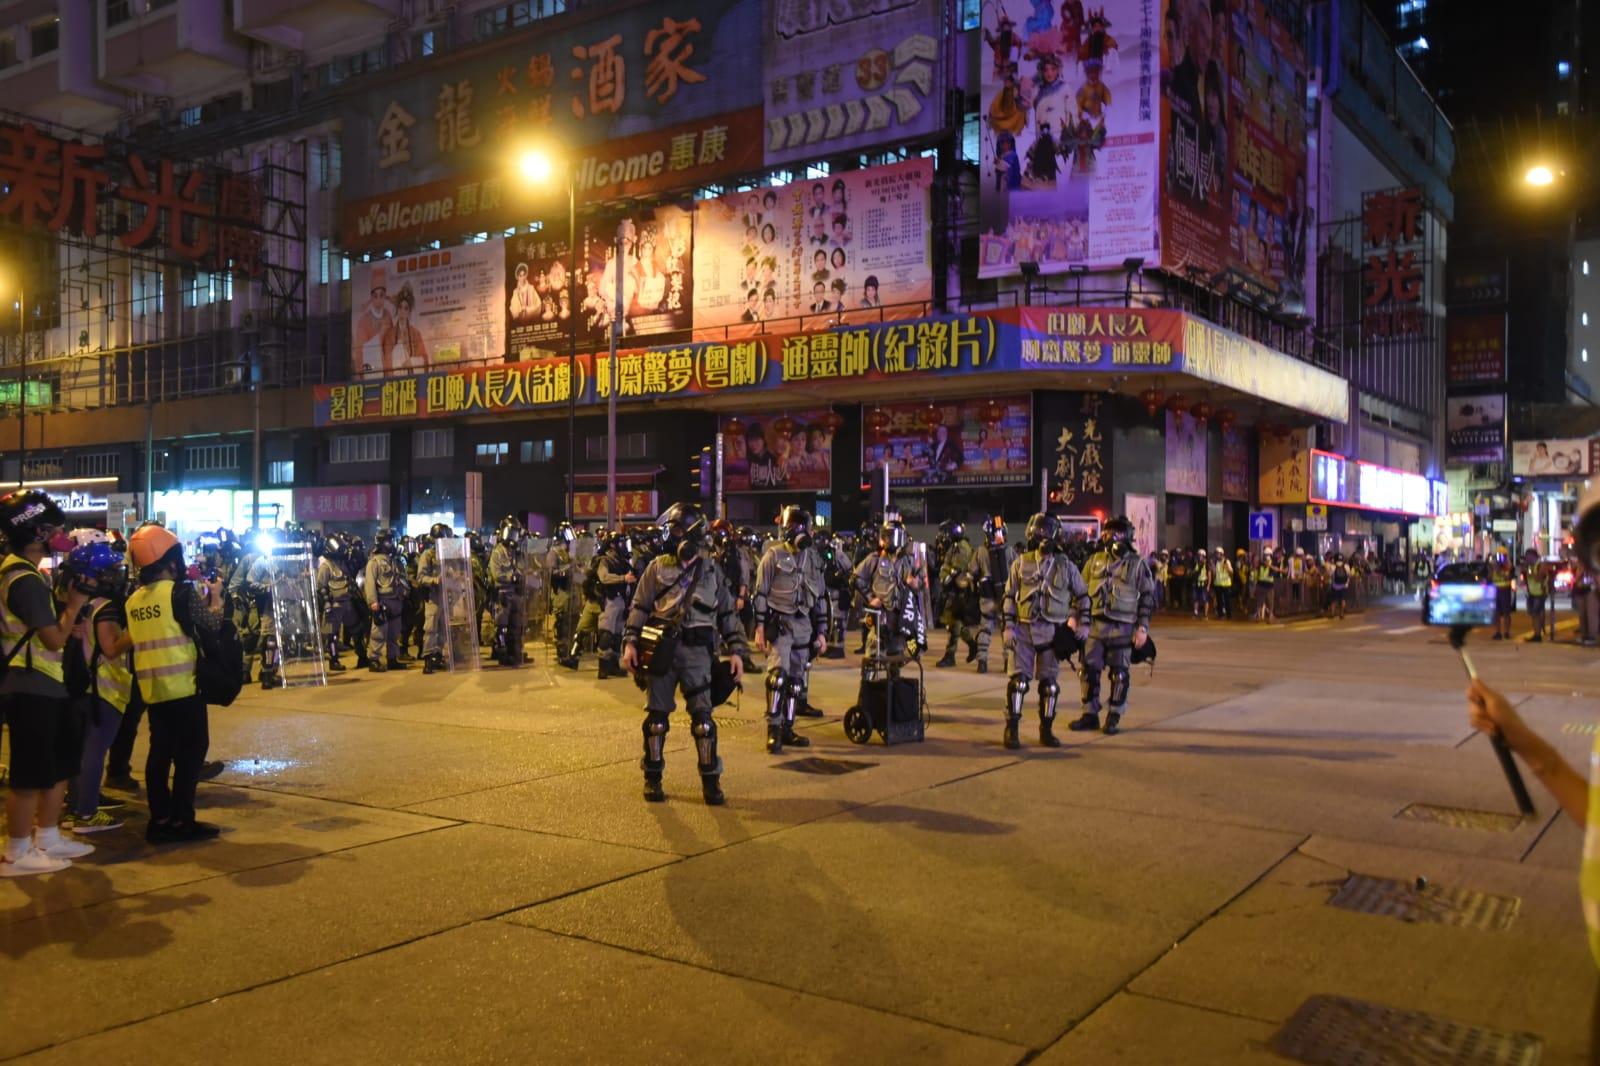 現場所見,有逾300警力佈防。